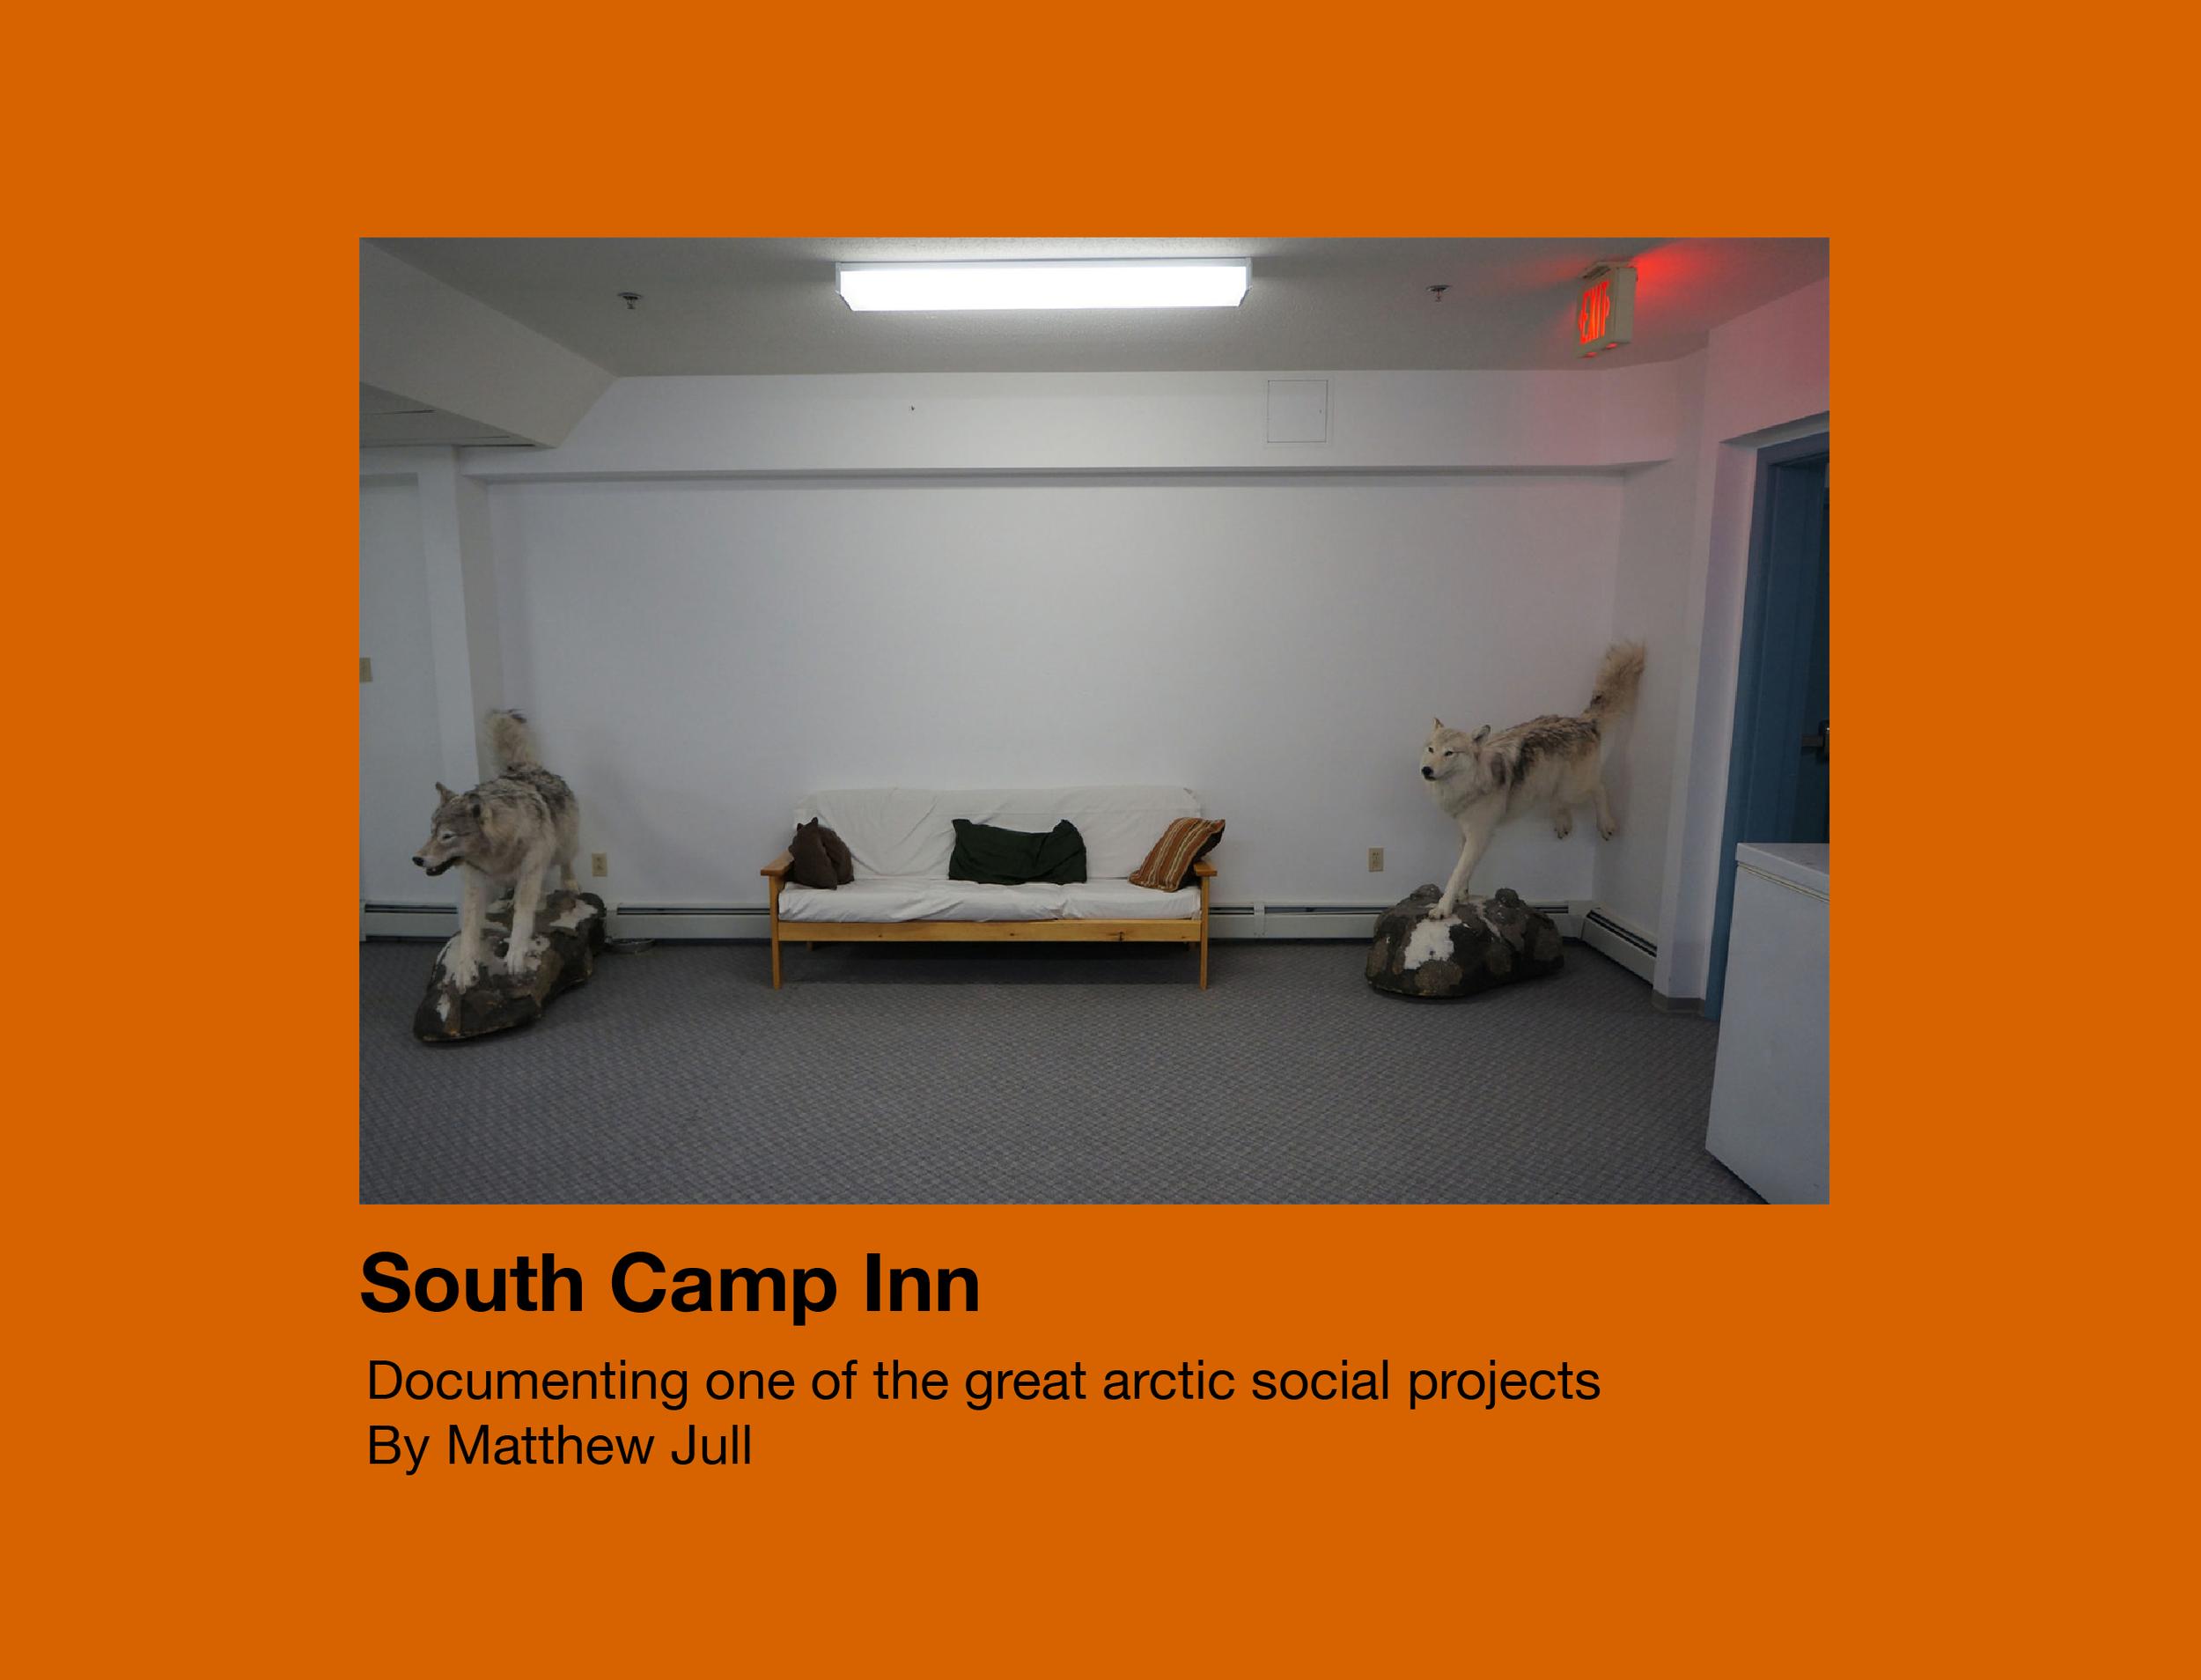 South Camp Inn